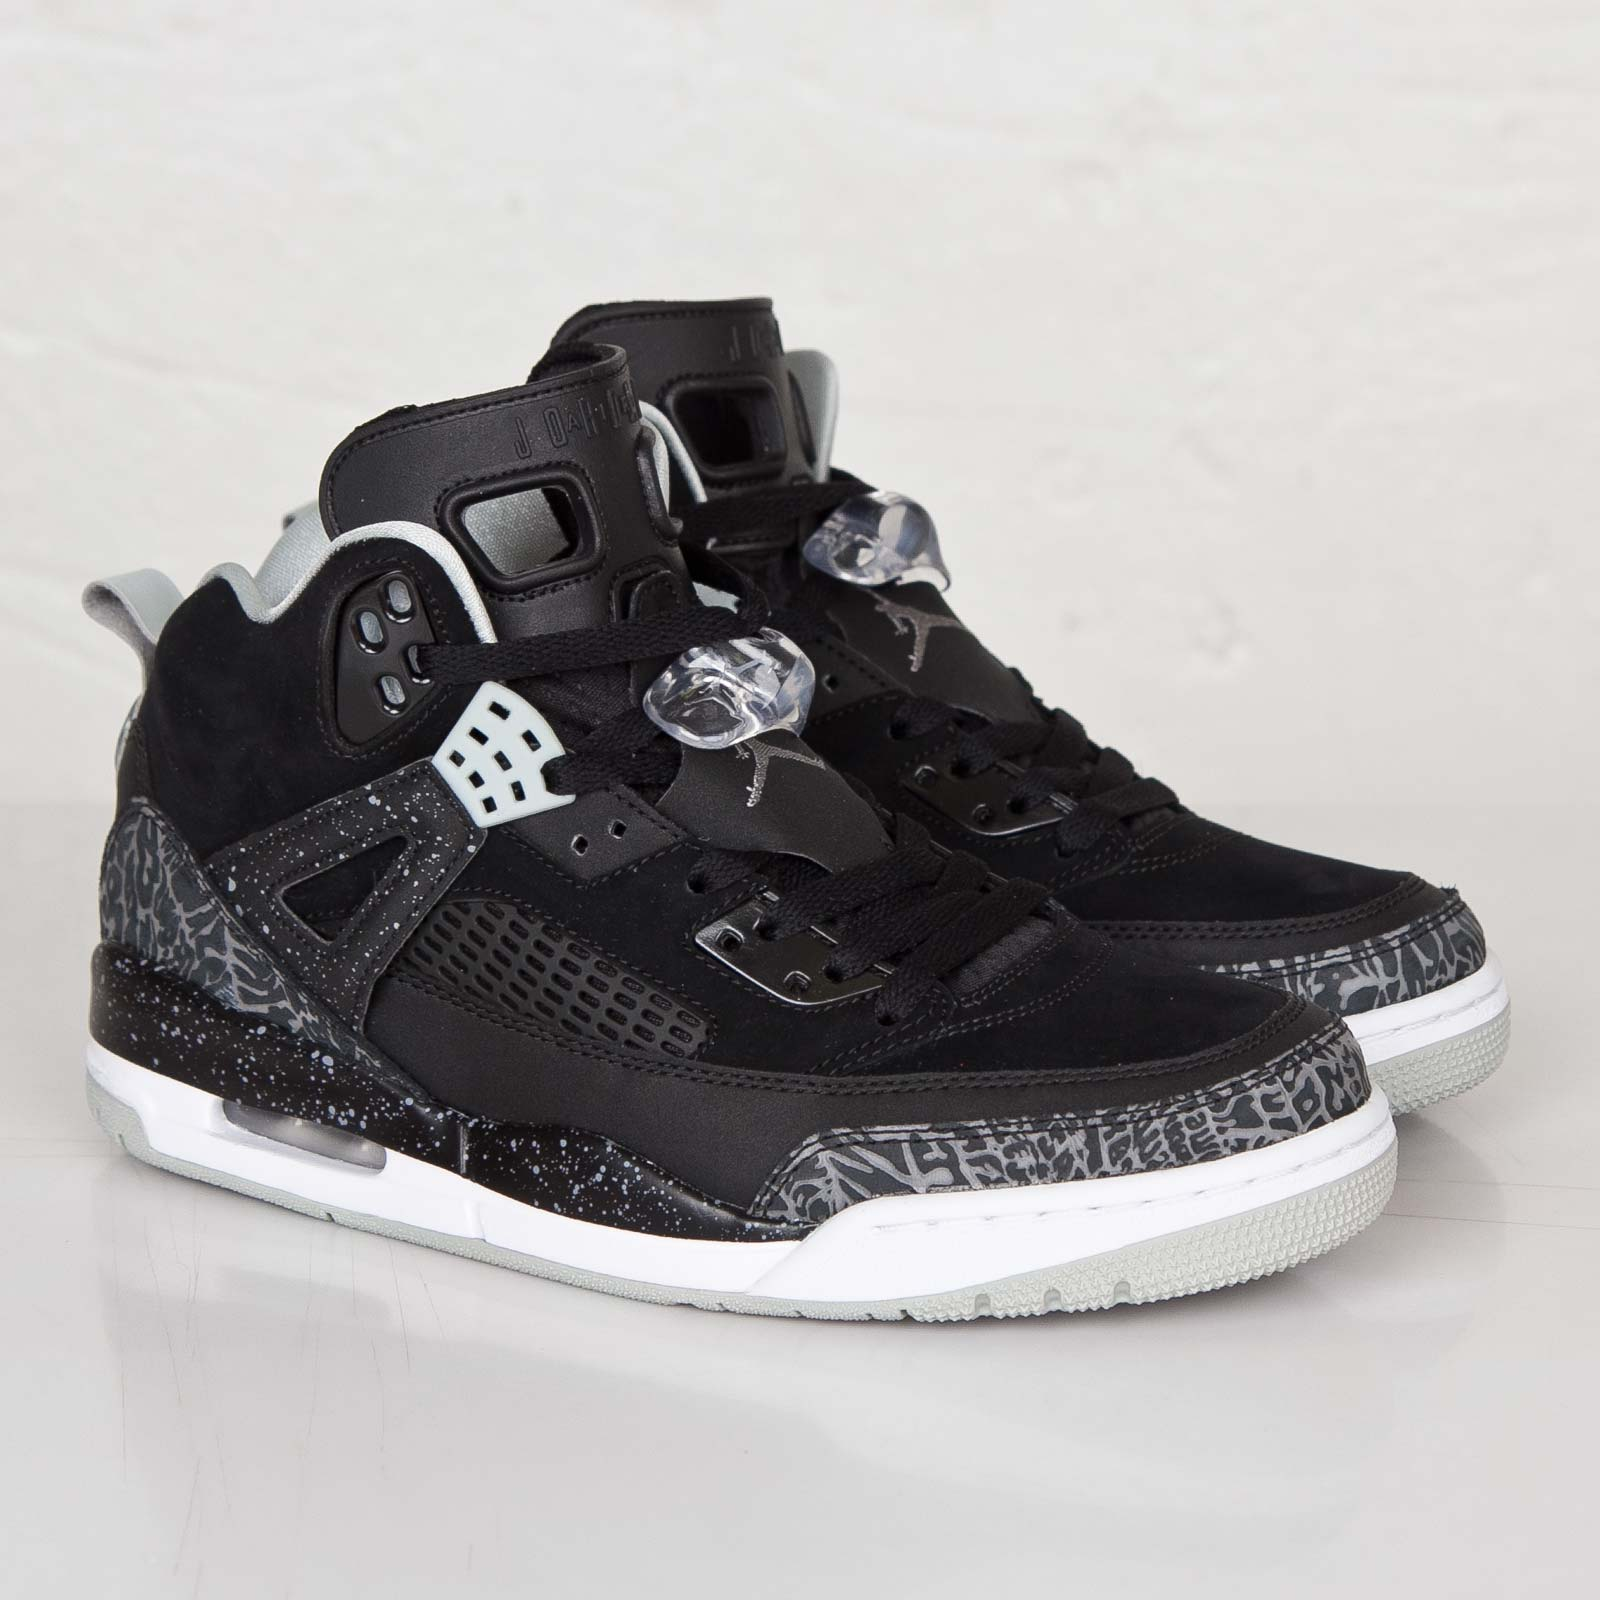 release date 498dd 9ad7a Jordan Brand Jordan Spizike